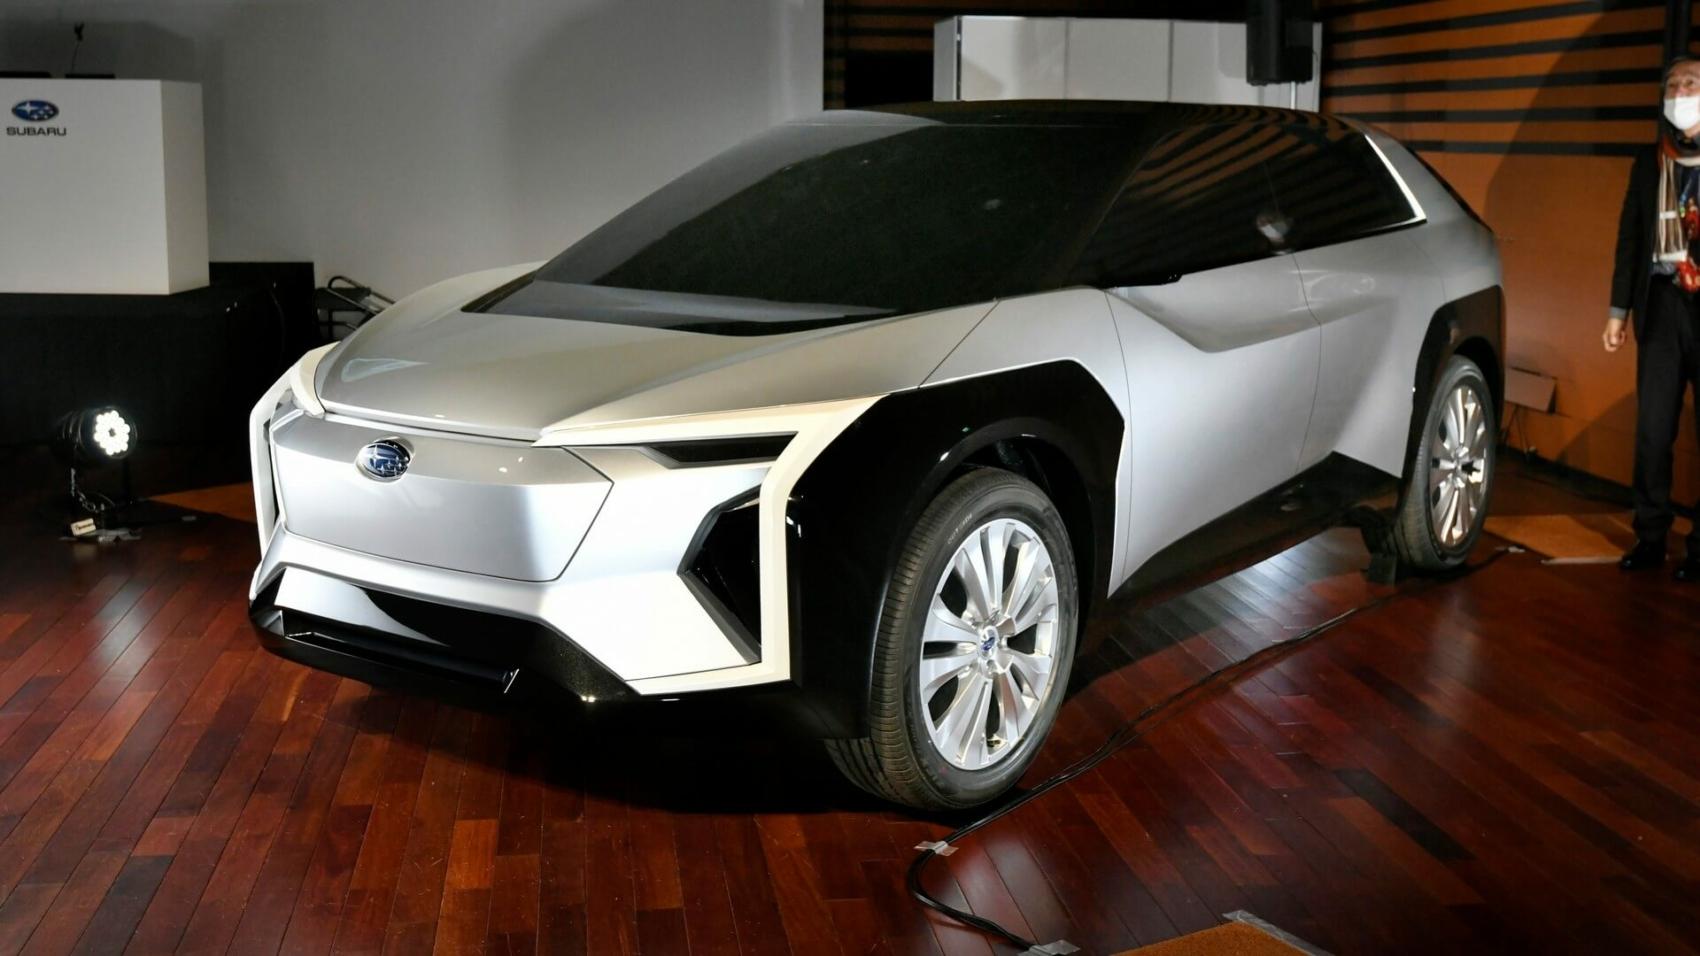 Subaru electric SUV concept